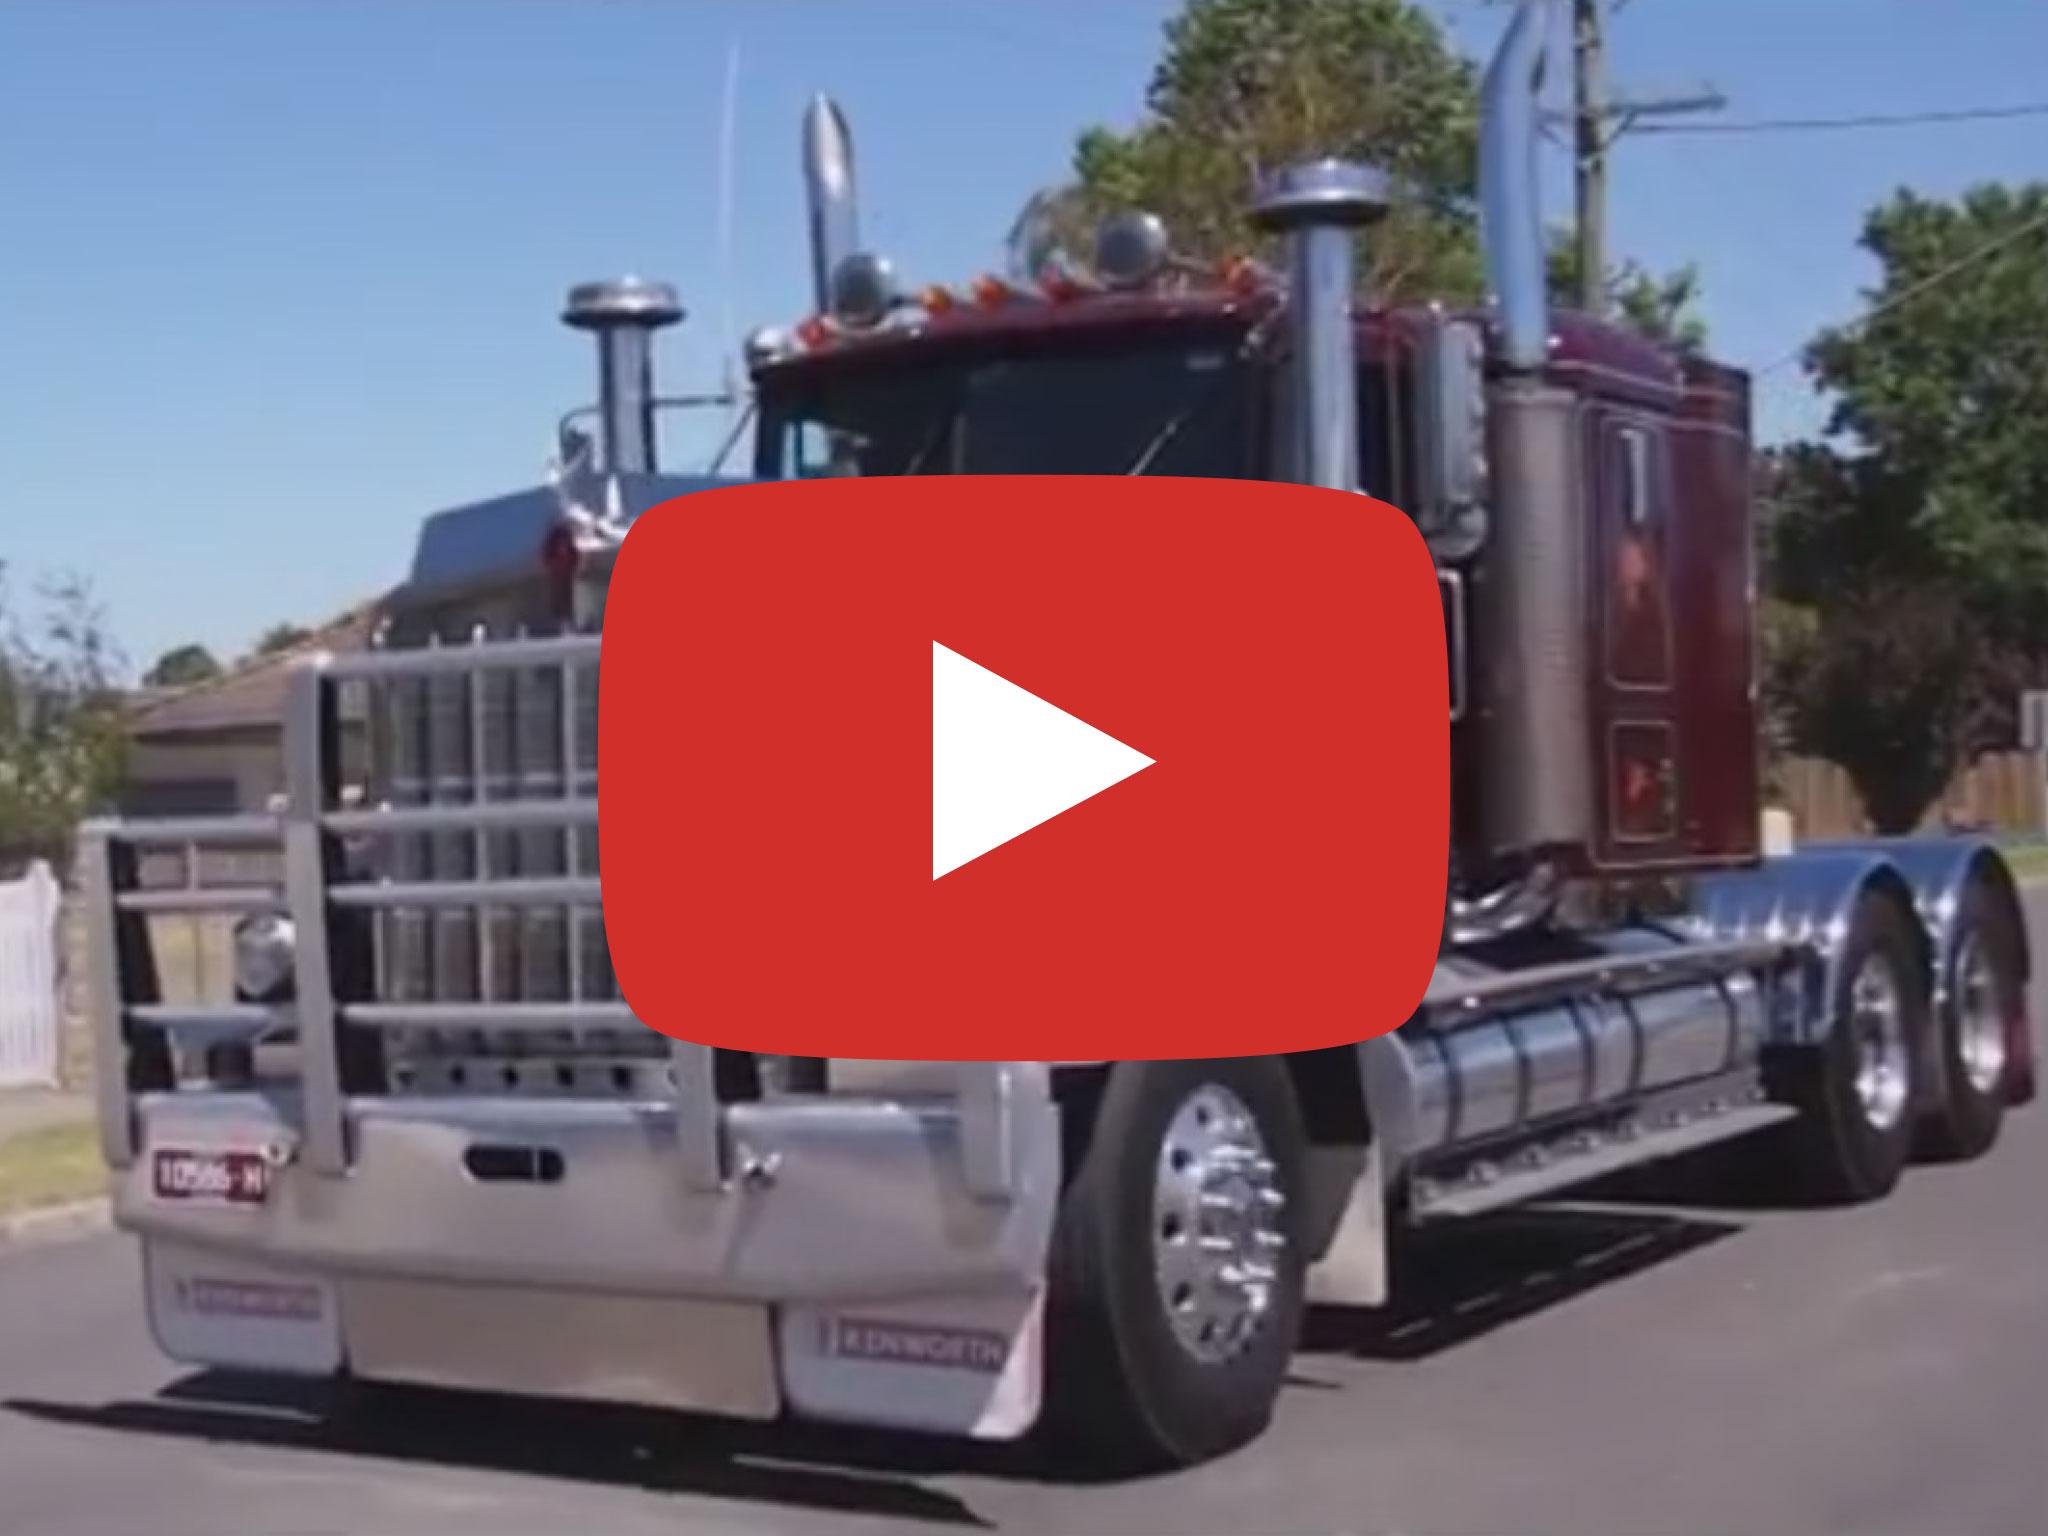 Kenworth W925 truck video, Longwarry 2017